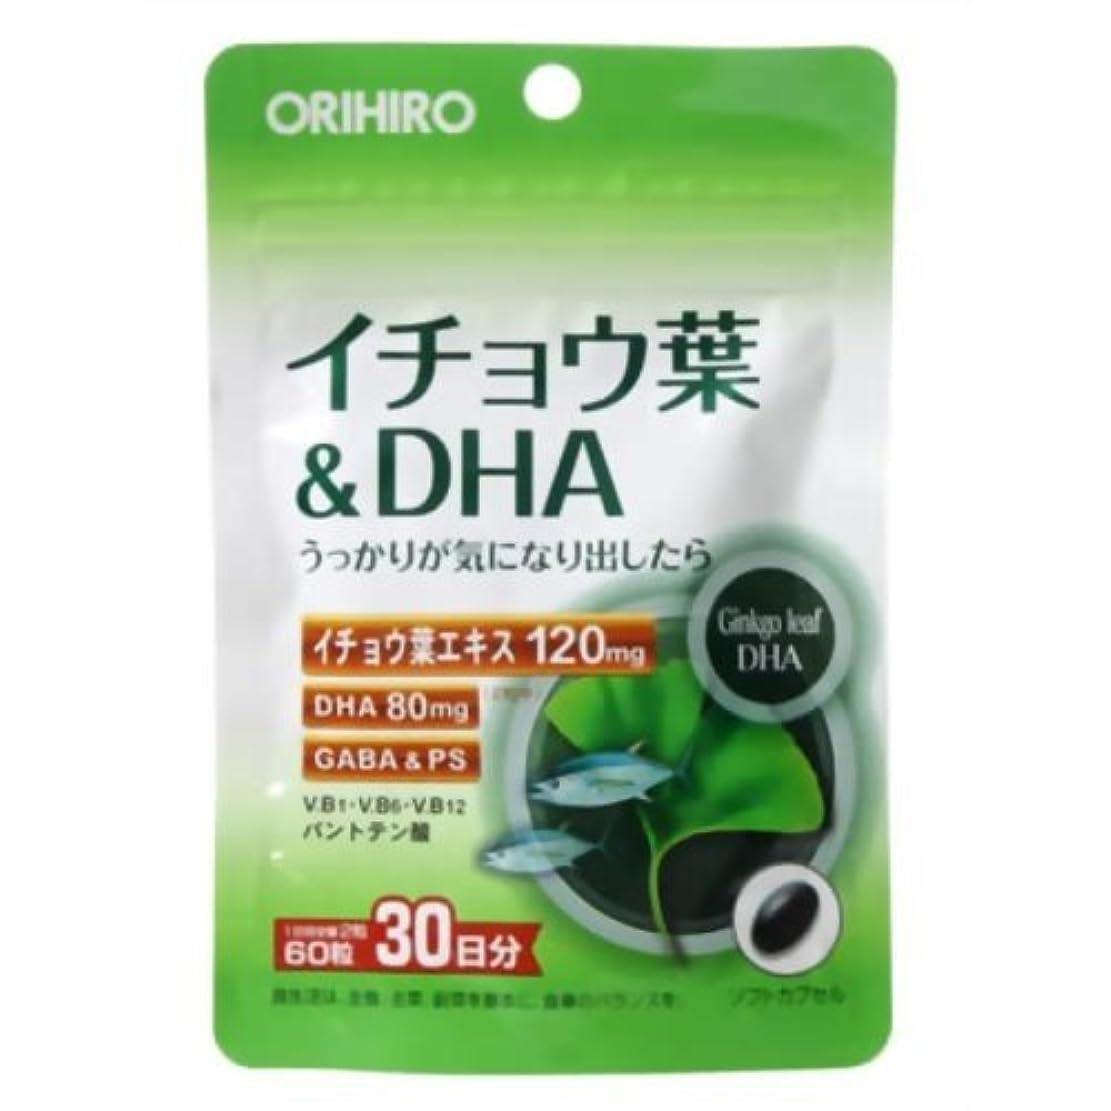 脊椎アルネ松の木オリヒロ イチョウ葉&DHA 60粒